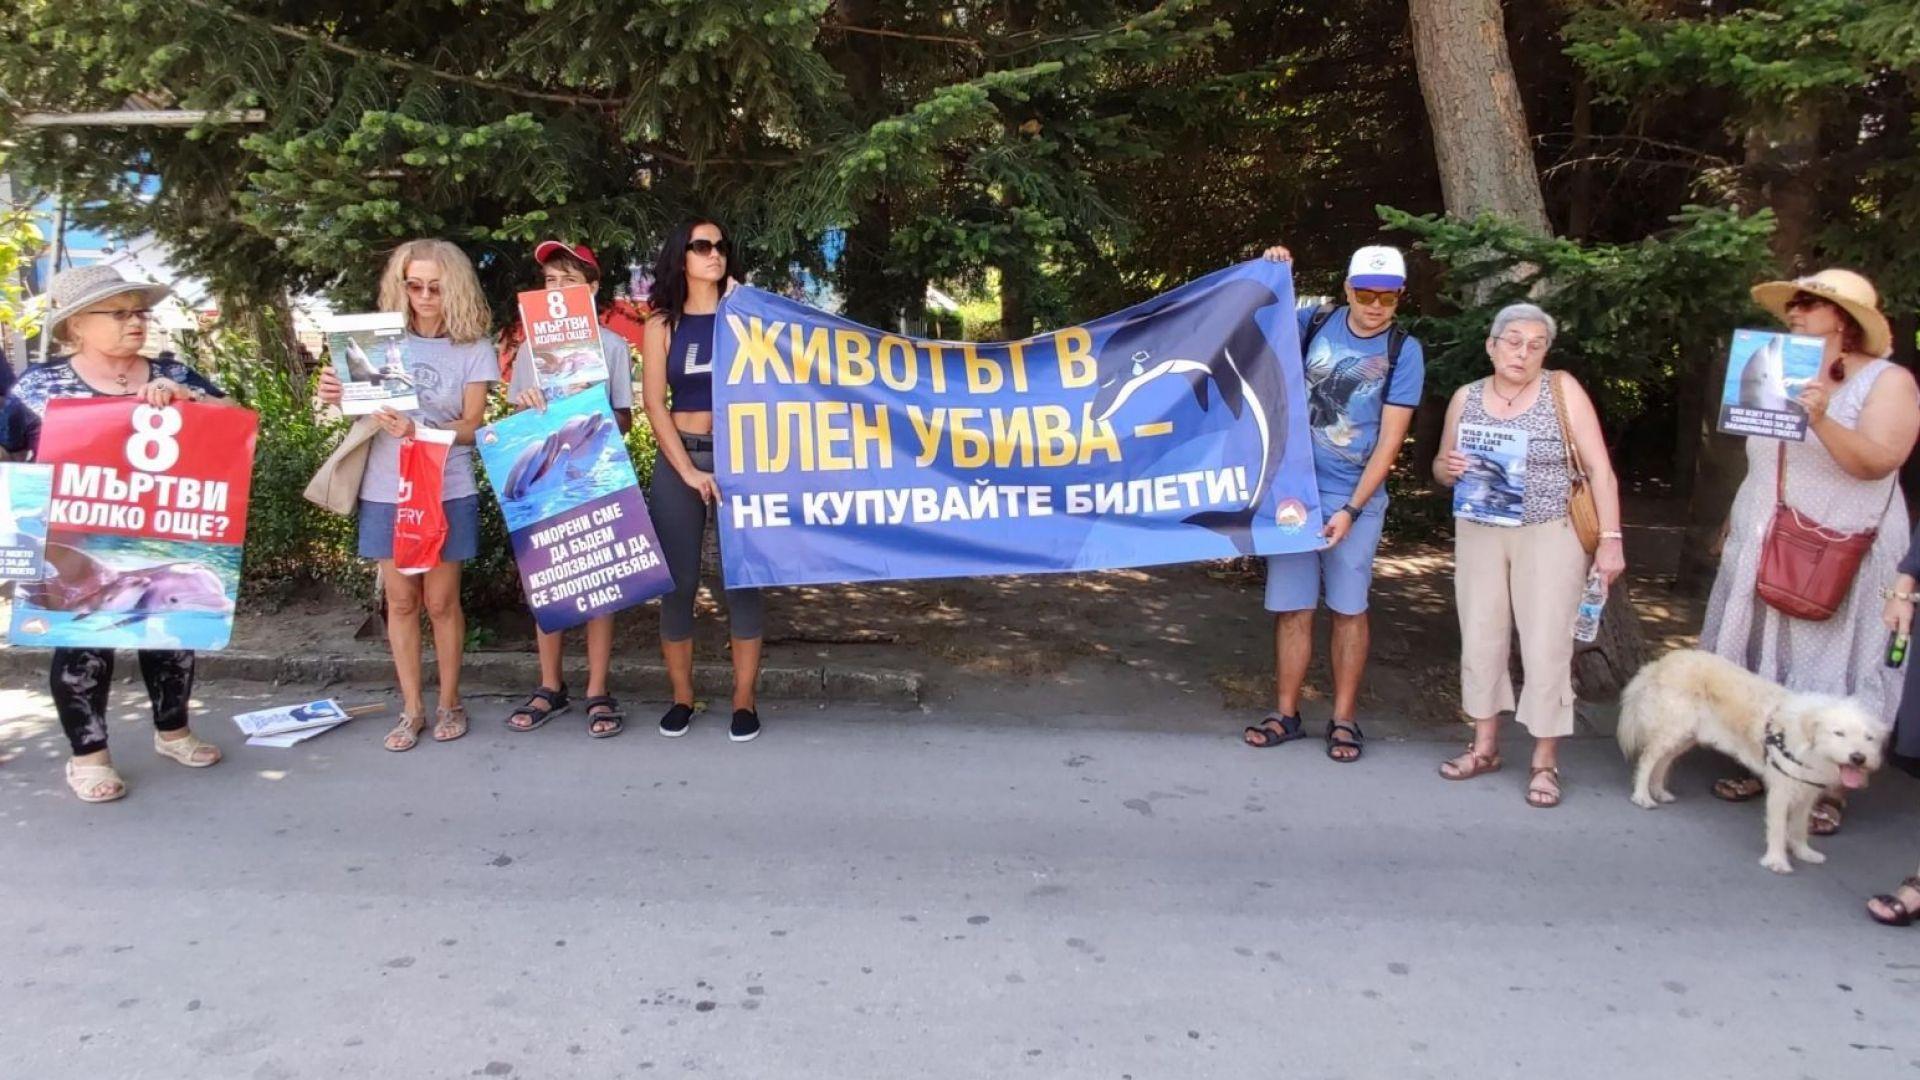 Варненци искат закриването на Делфинариума, ръководството излезе с позиция  (снимки)